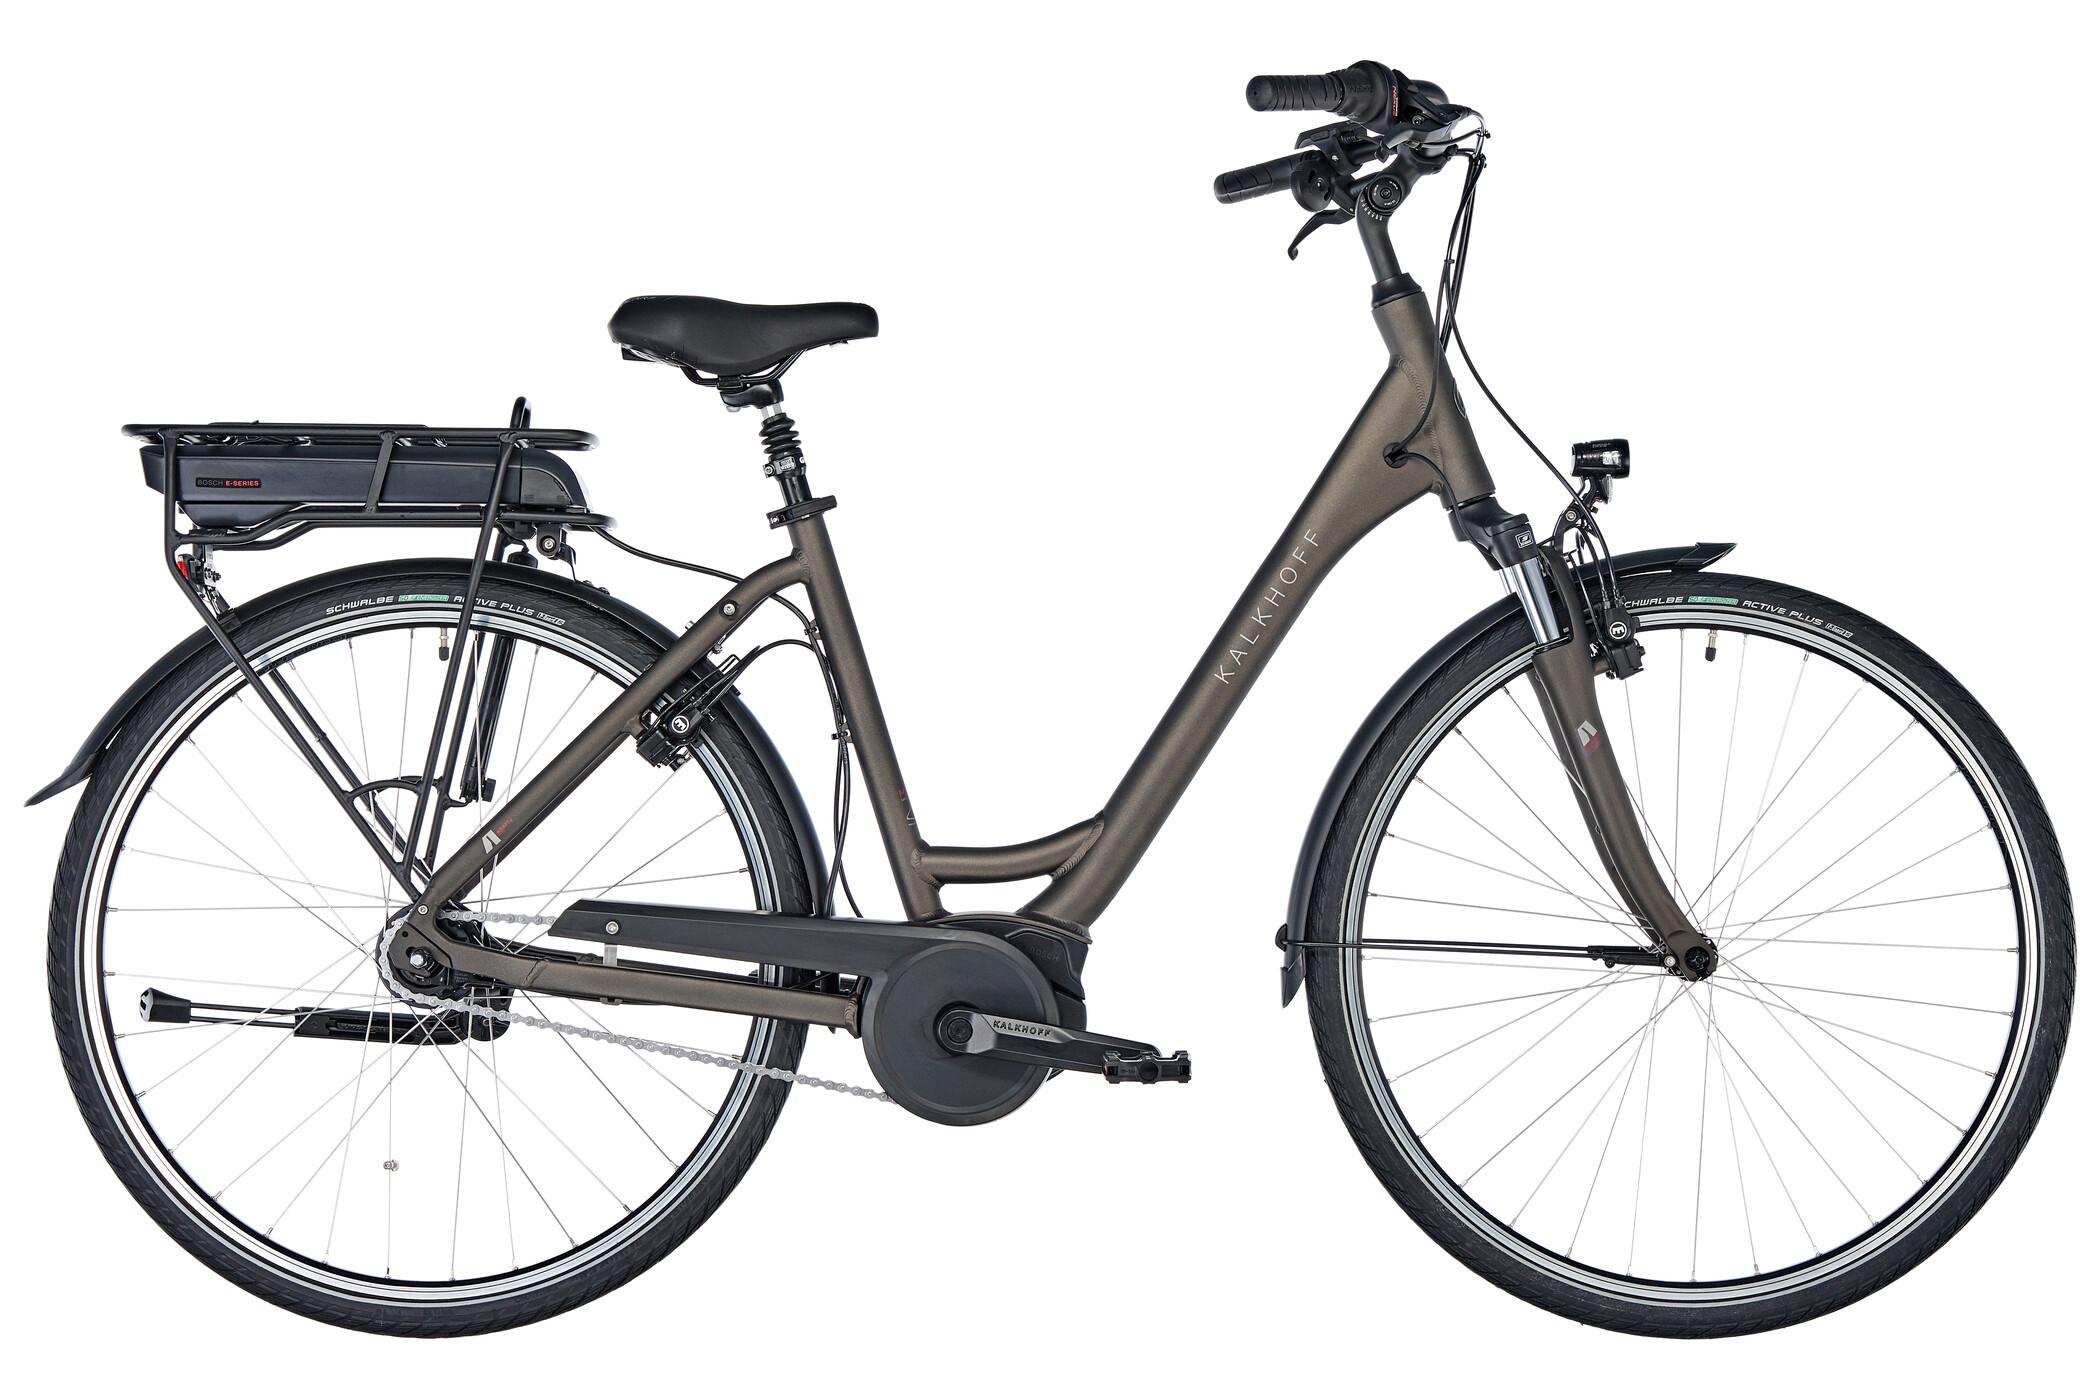 Kalkhoff Agattu 1.B Advance E-trekkingcykel Wave 500Wh grå (2019) | City-cykler